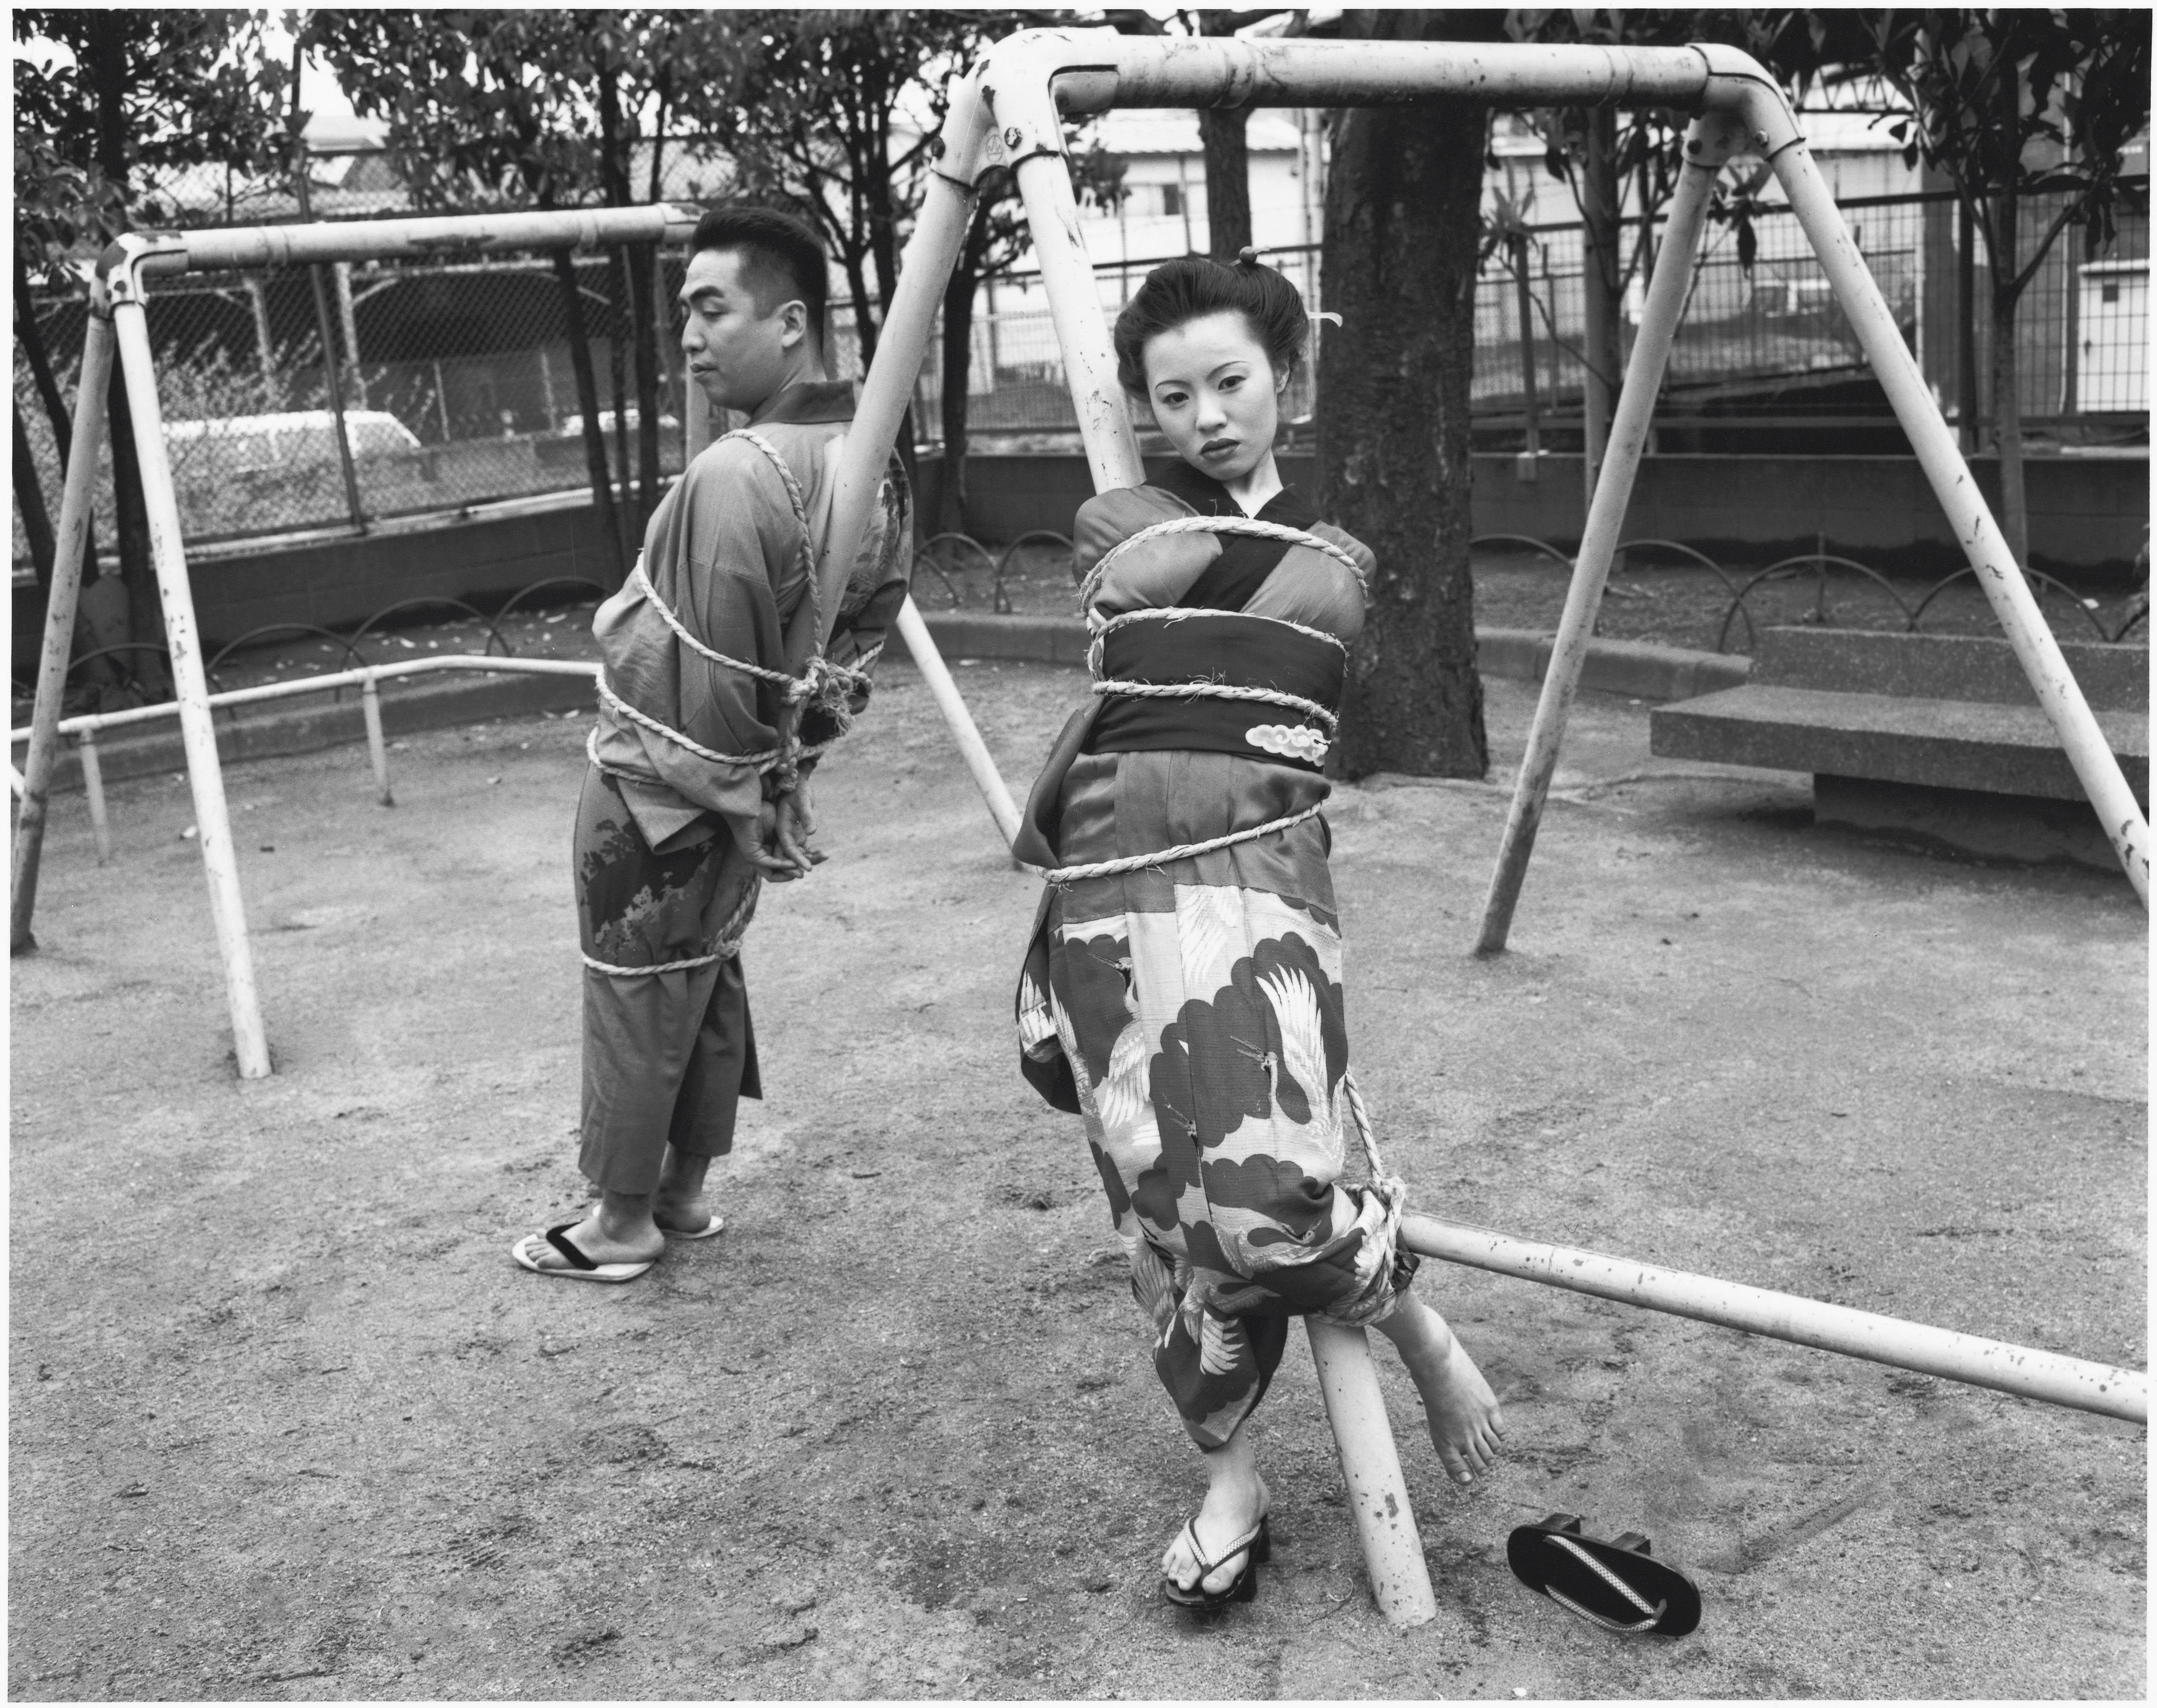 Fotó: Nobuyoshi Araki: Tokyo Comedy, 1997 © Nobuyoshi Araki